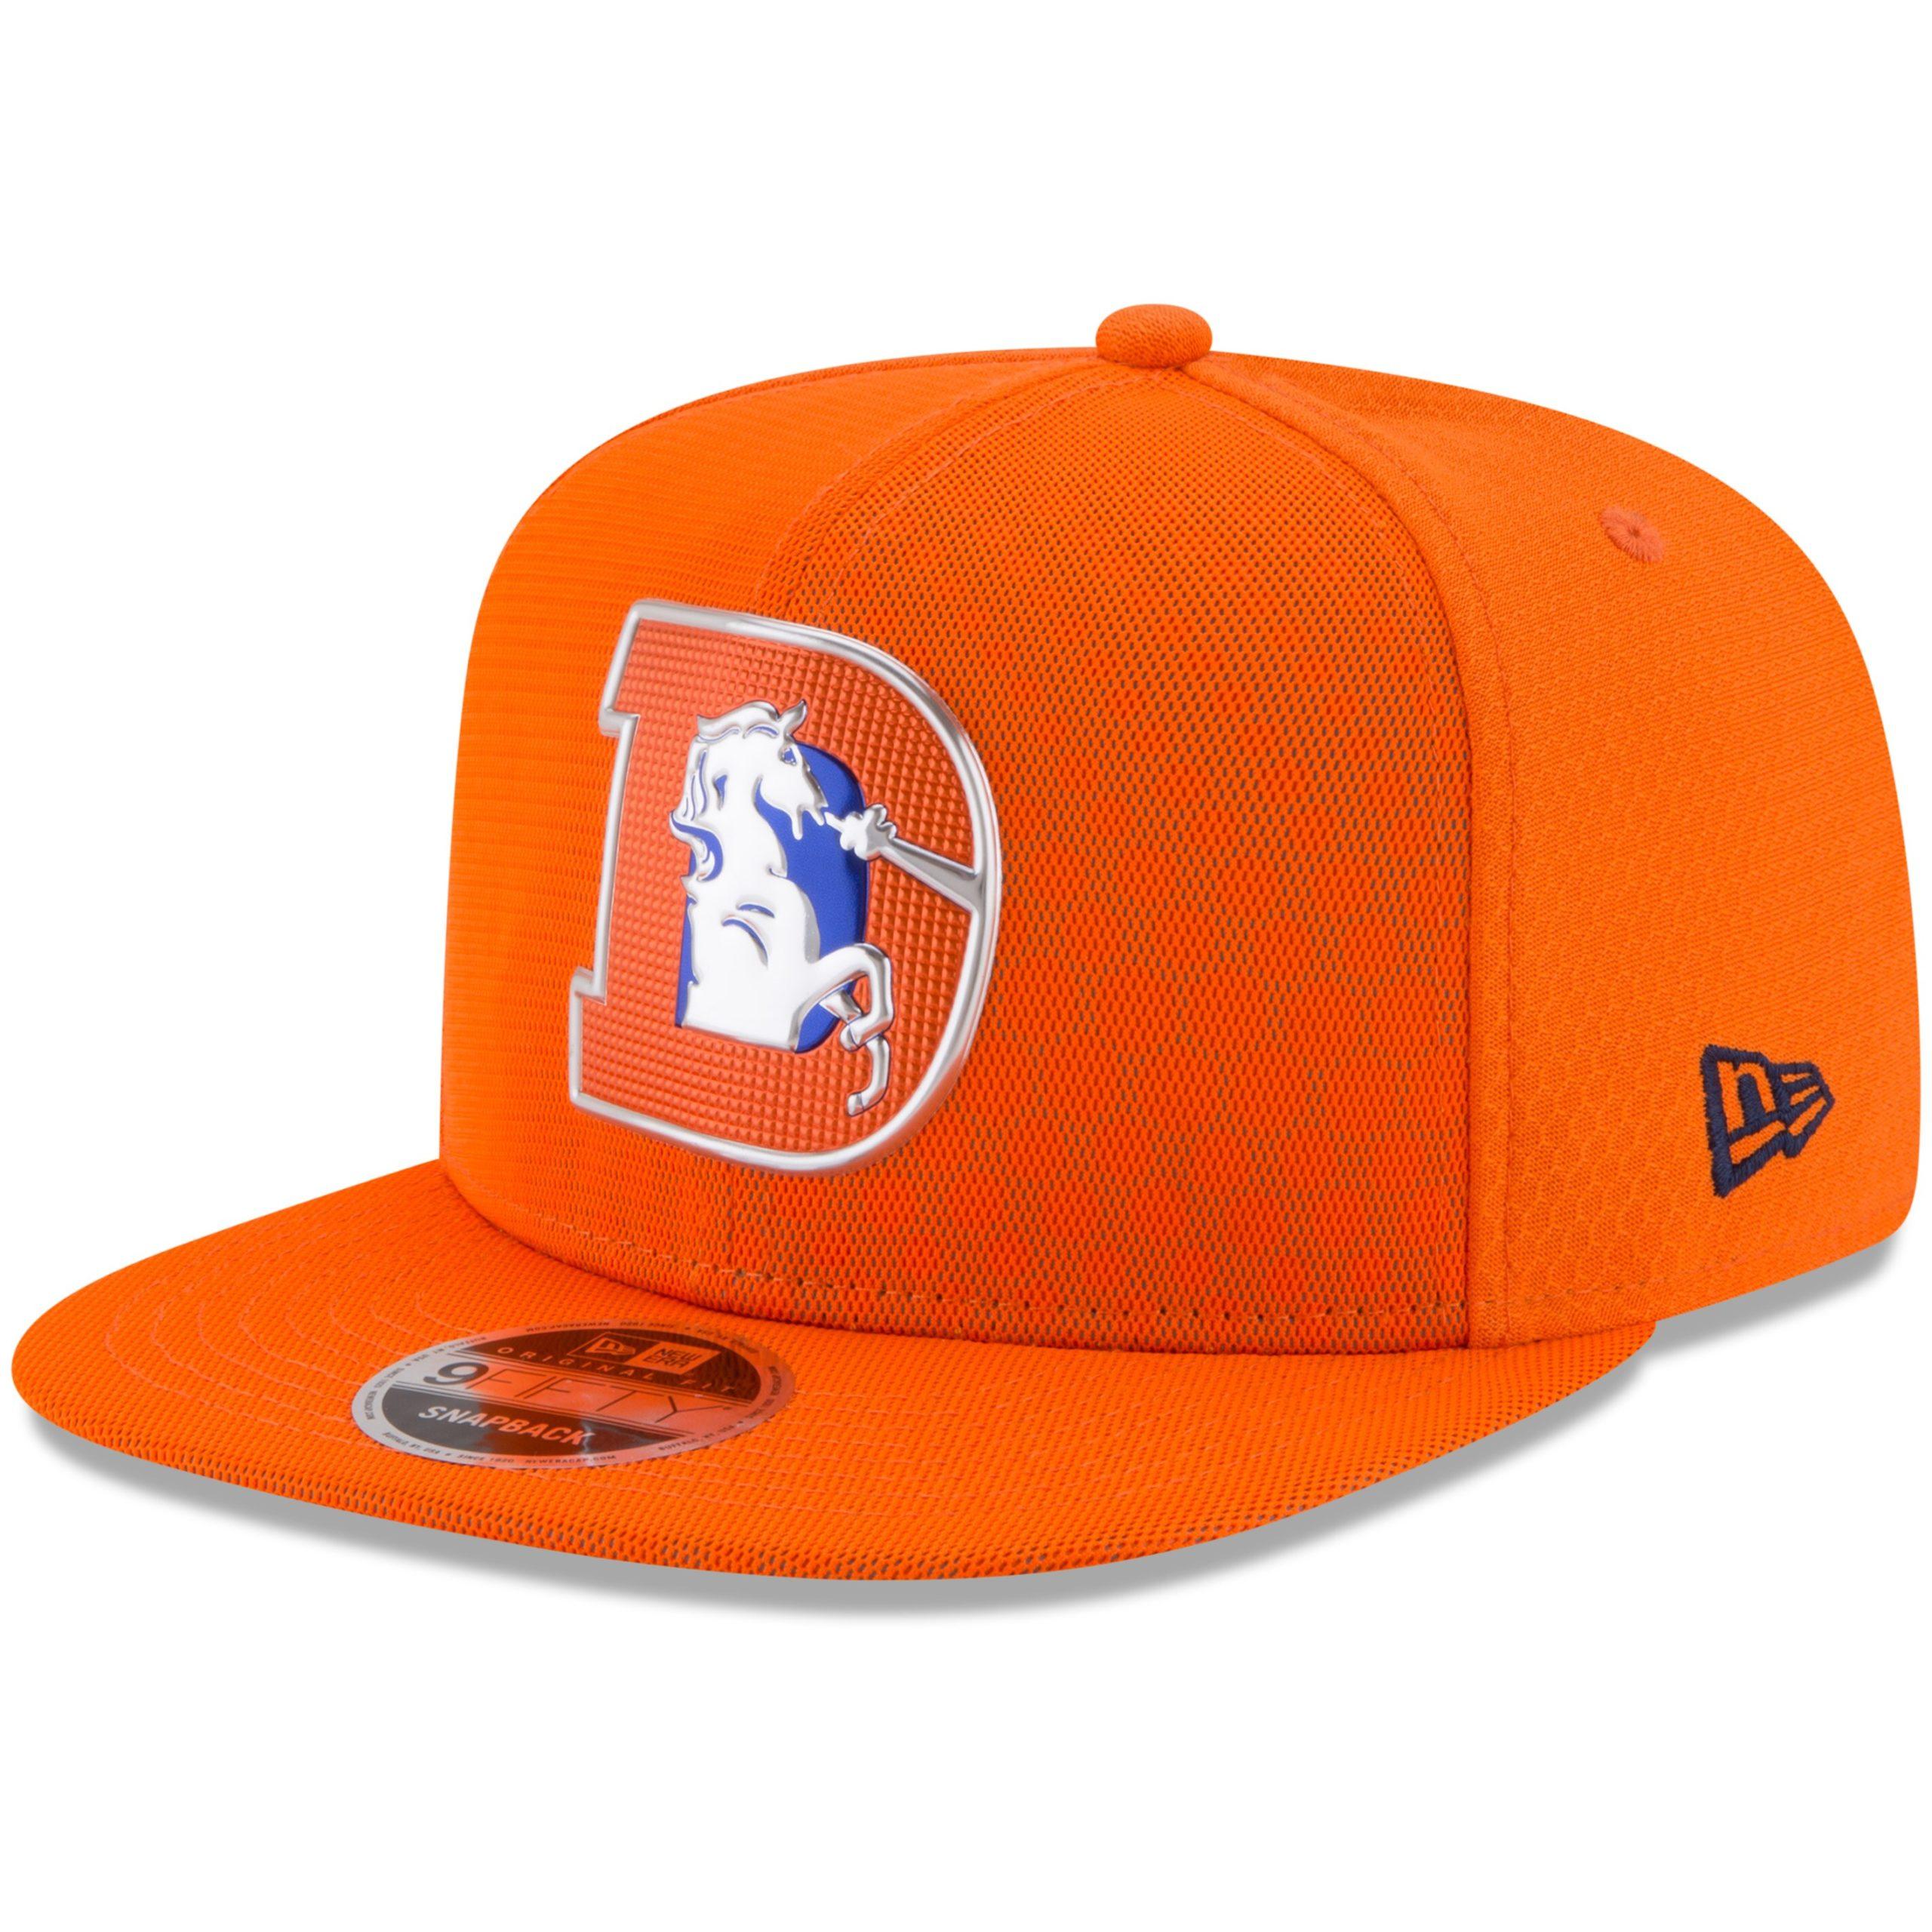 Denver Broncos New Era 2017 Color Rush 9FIFTY Snapback Adjustable Hat - Orange